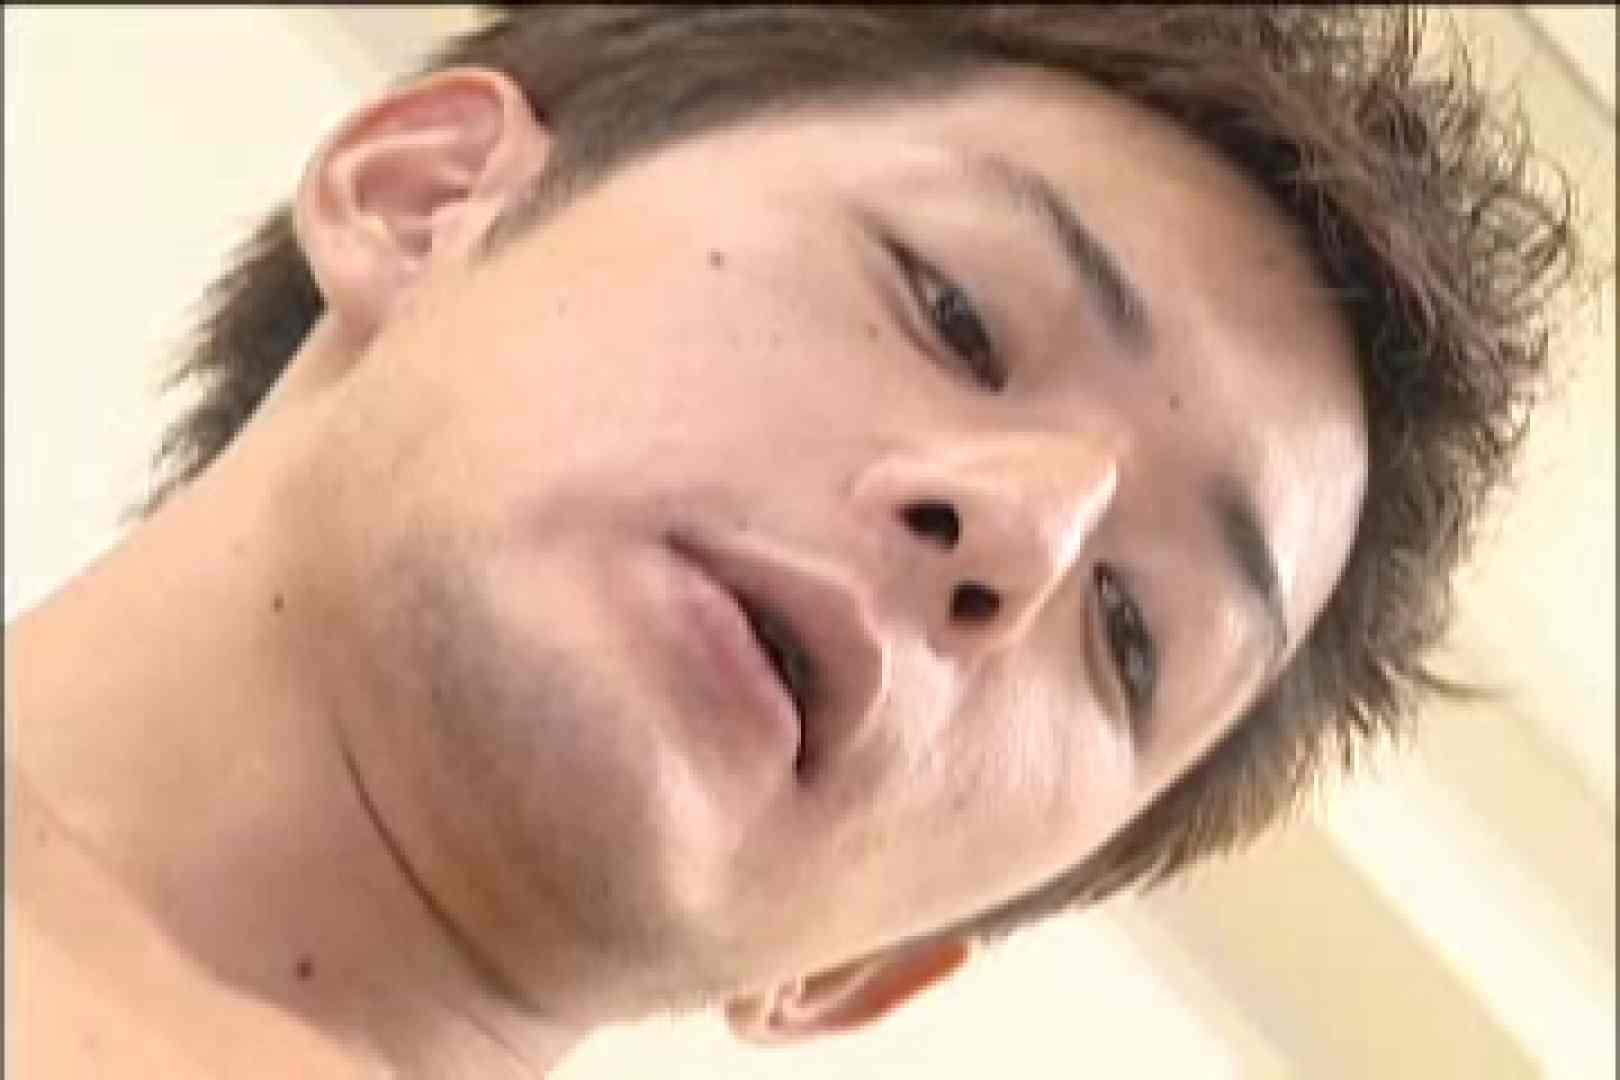 イケメン☆パラダイス〜男ざかりの君たちへ〜vol.4 アナル舐め ゲイ肛門画像 107pic 99